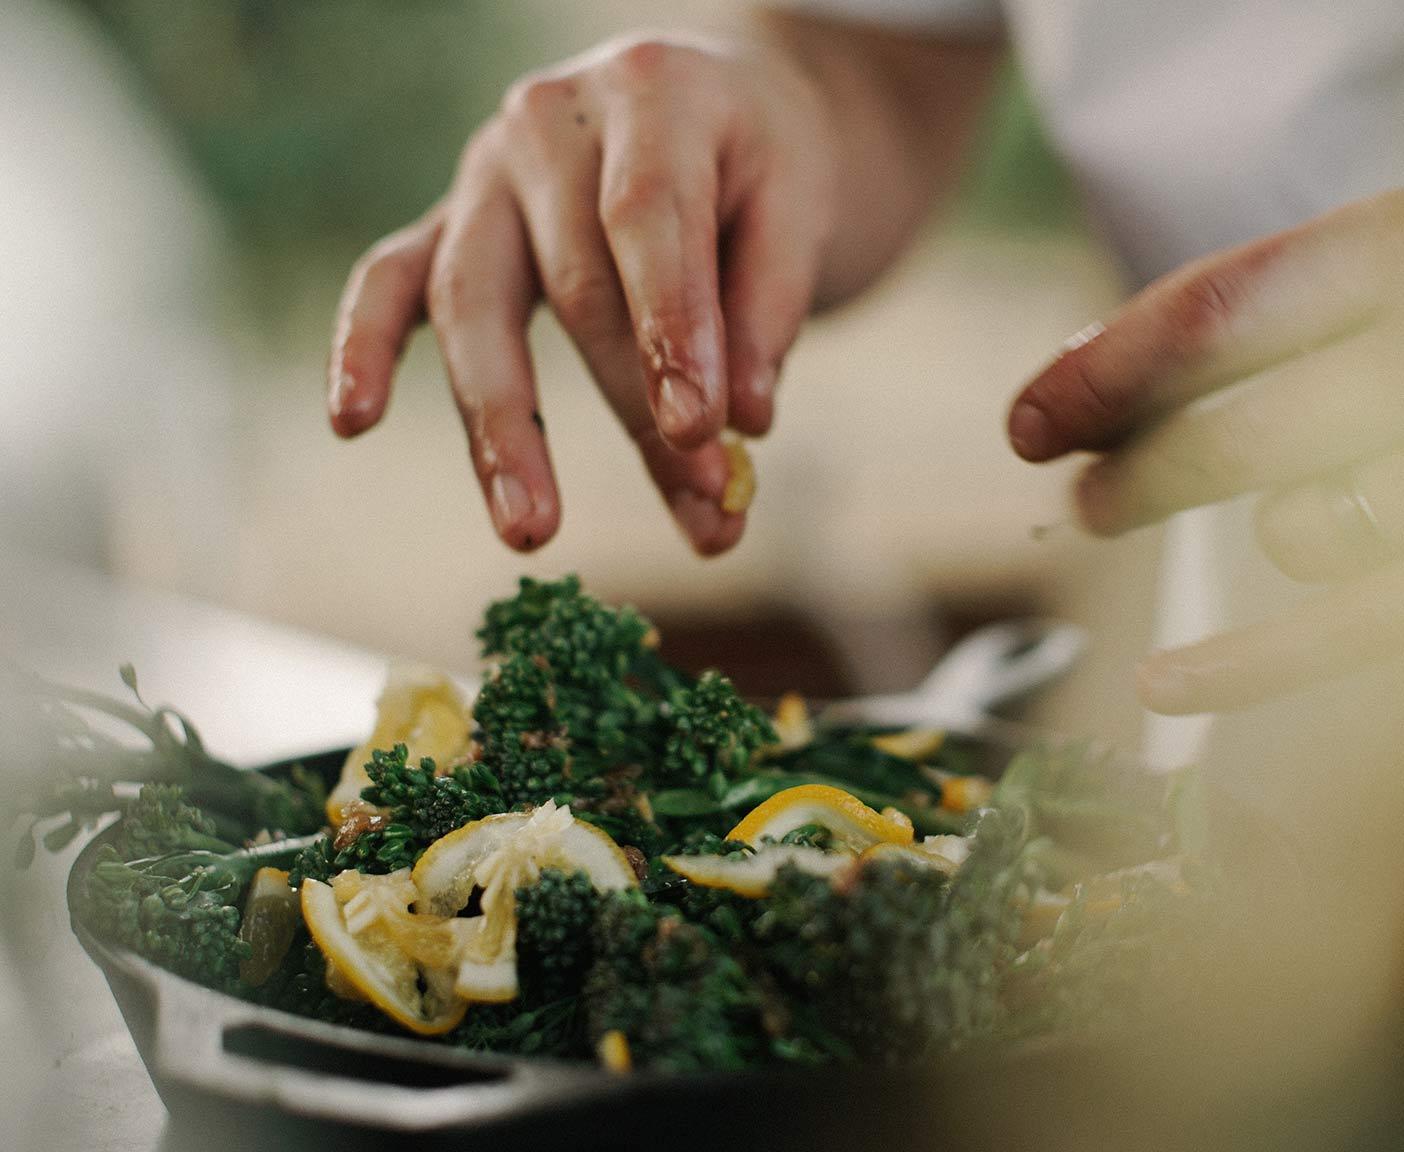 kochen-wohnmobil-einkochen-campingkÅche-gemÅse-vegetarisch